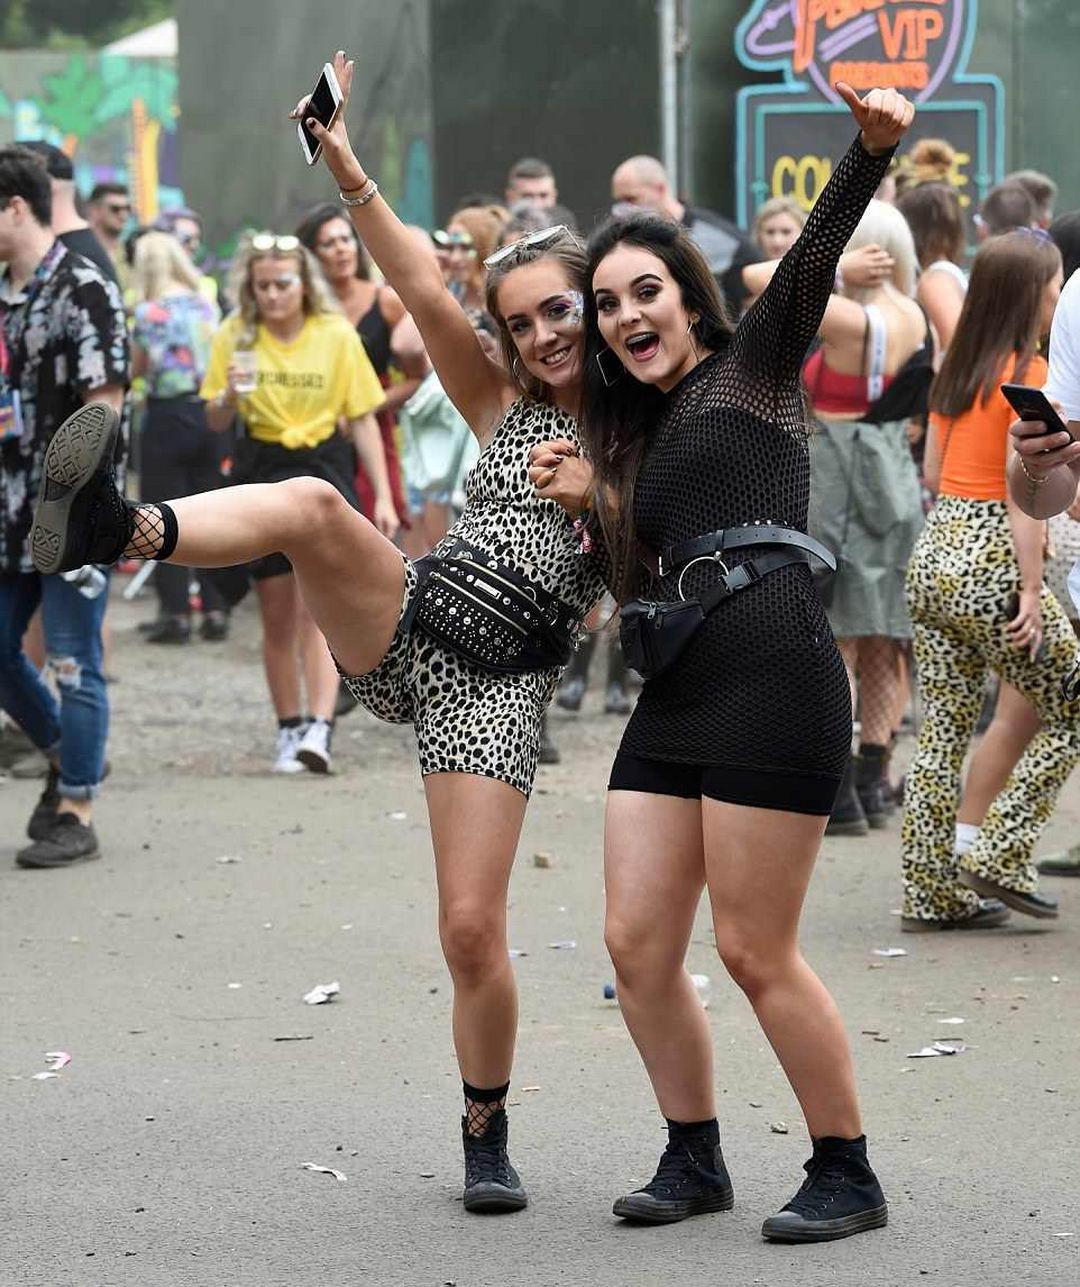 Музыкальный фестиваль Parklife в Великобритании (20 фото)